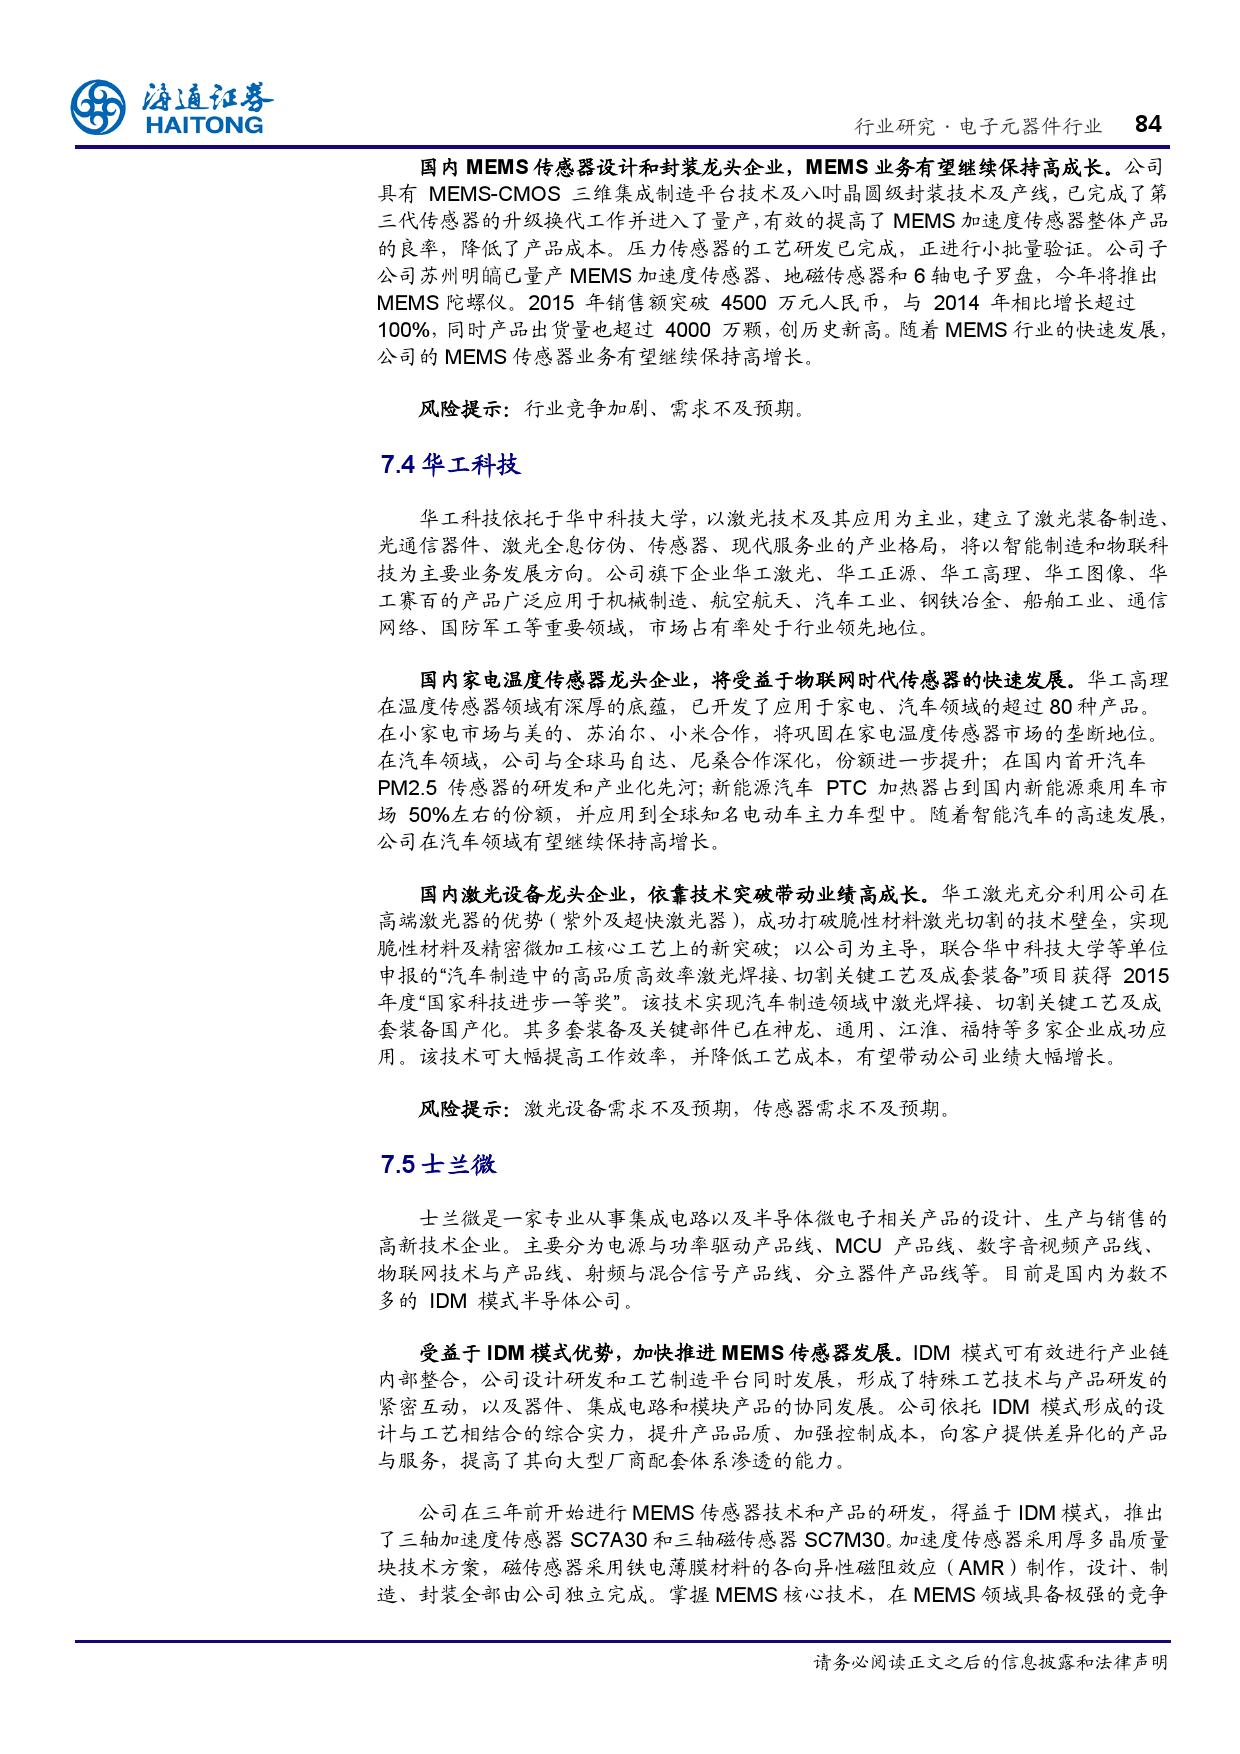 报告全解传感器全球产业链_000084